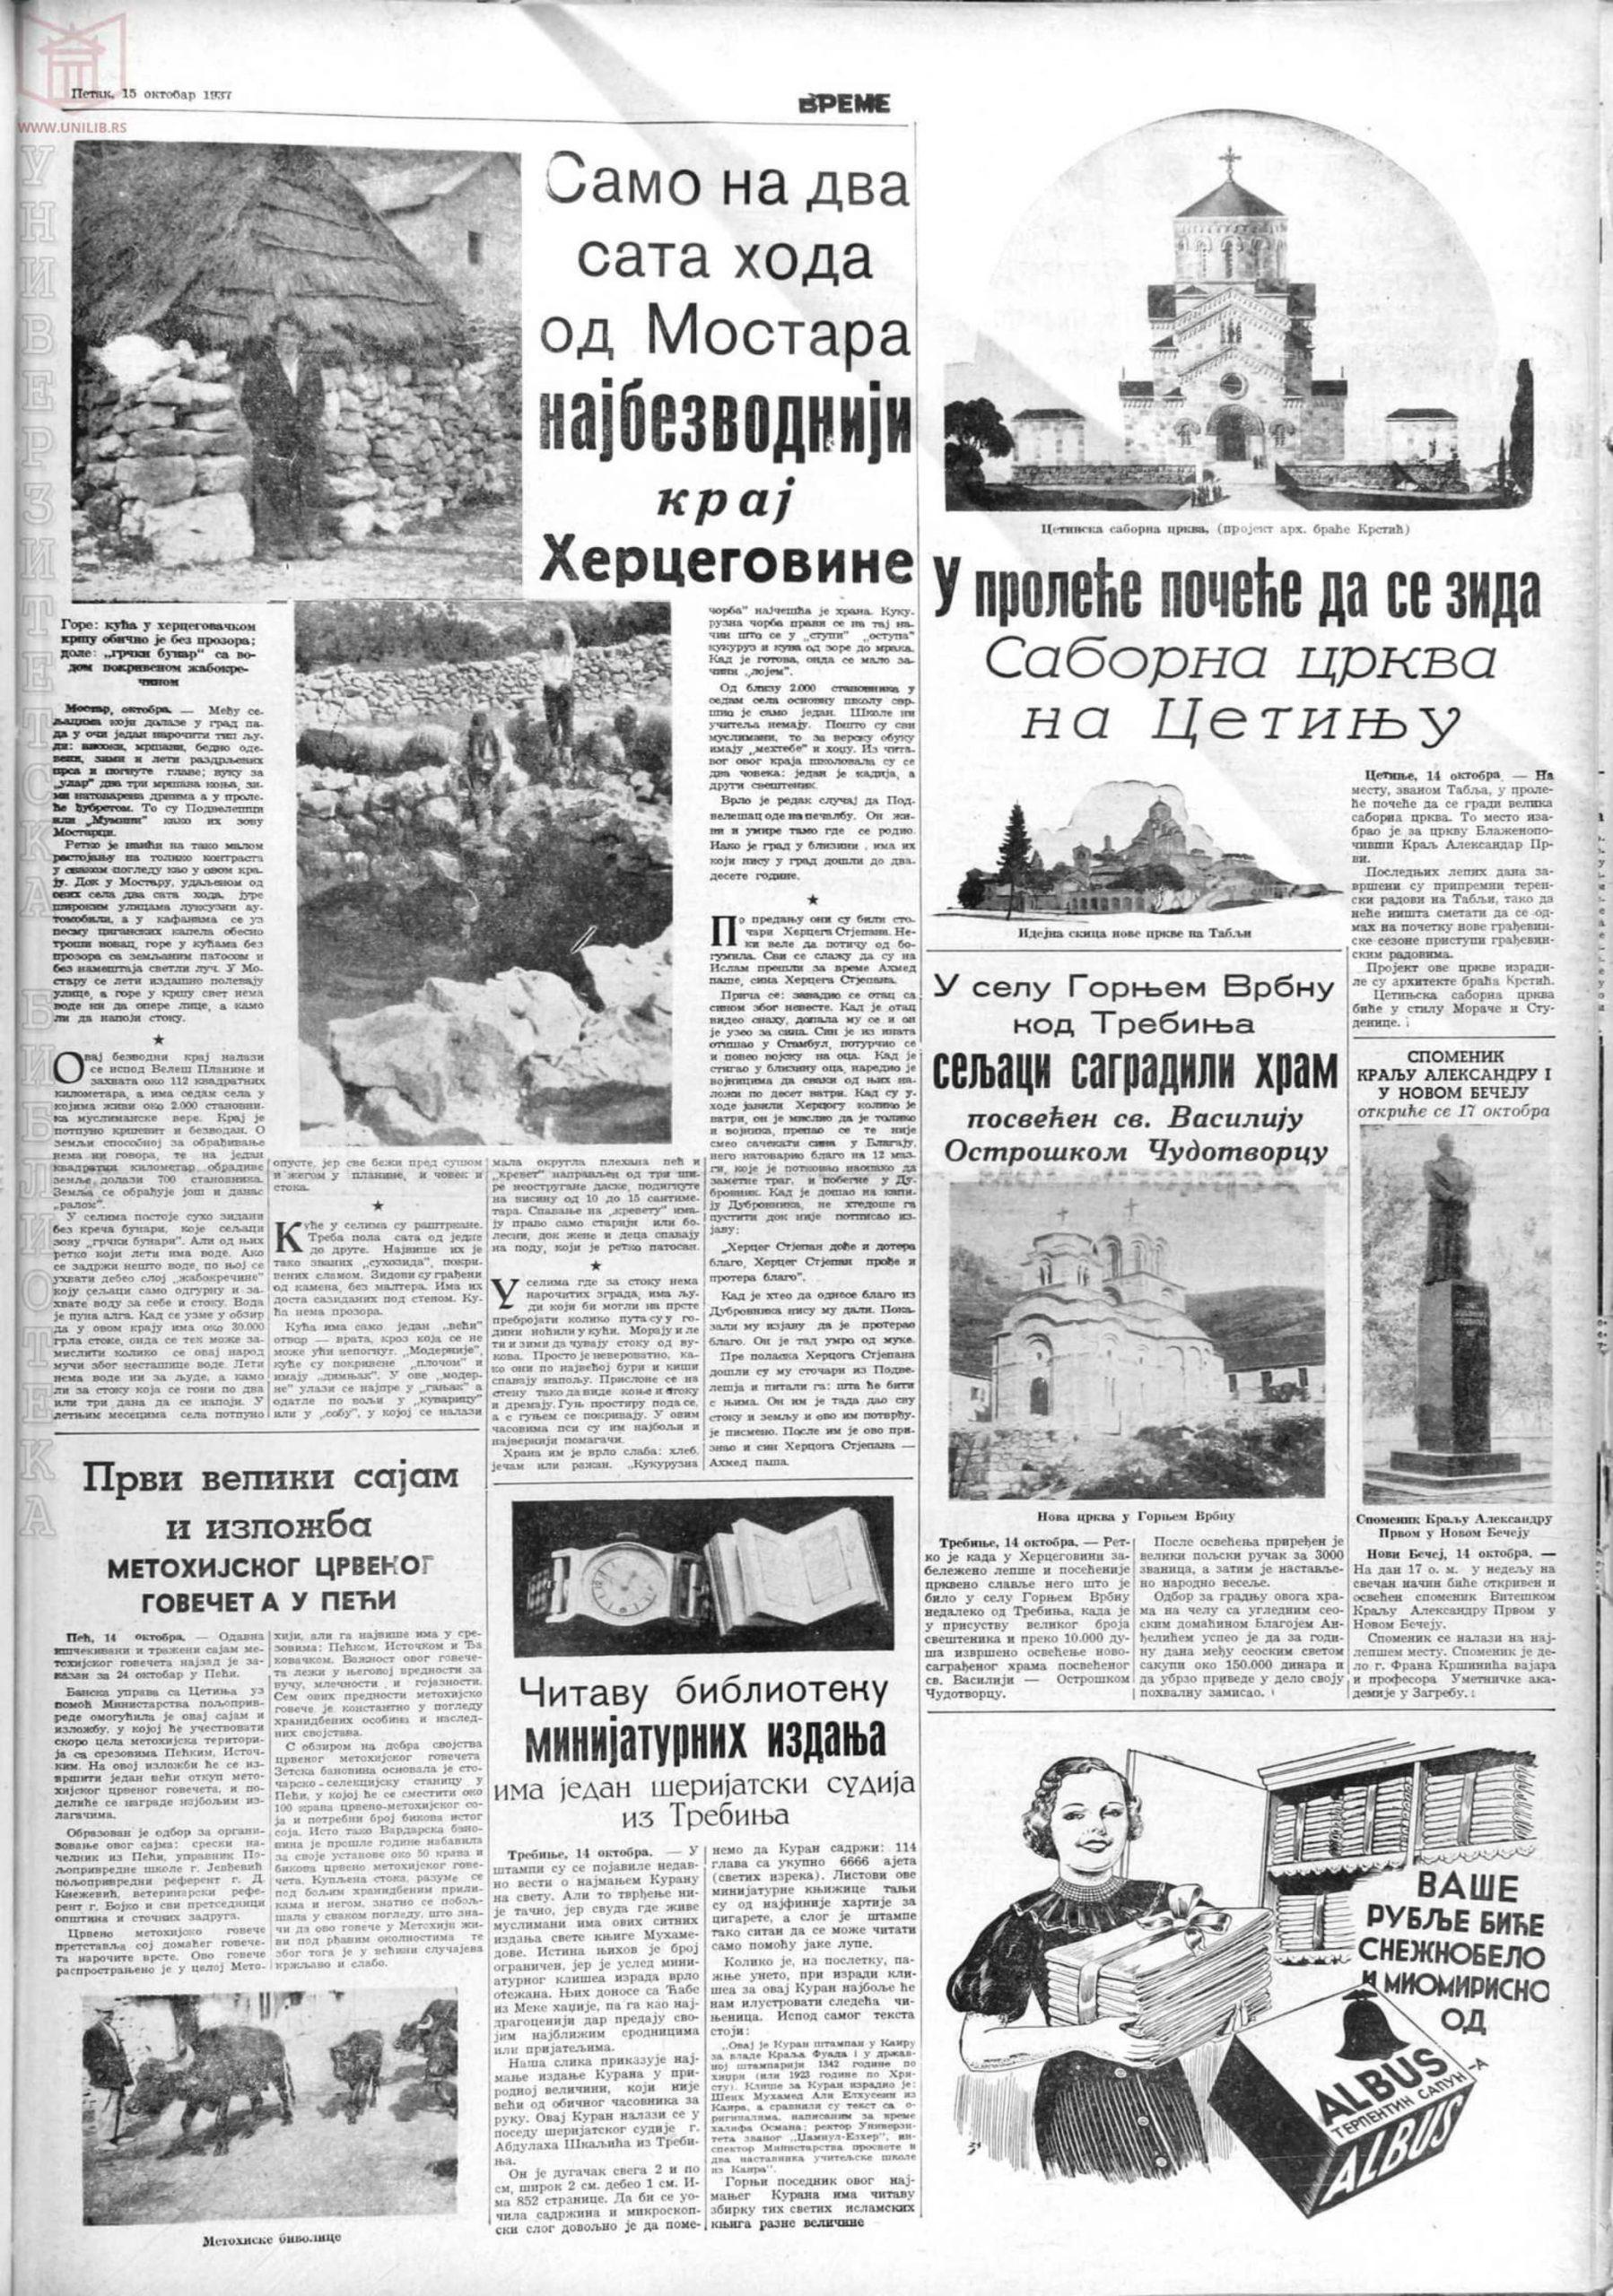 Vreme 15.10.1937 p5-1